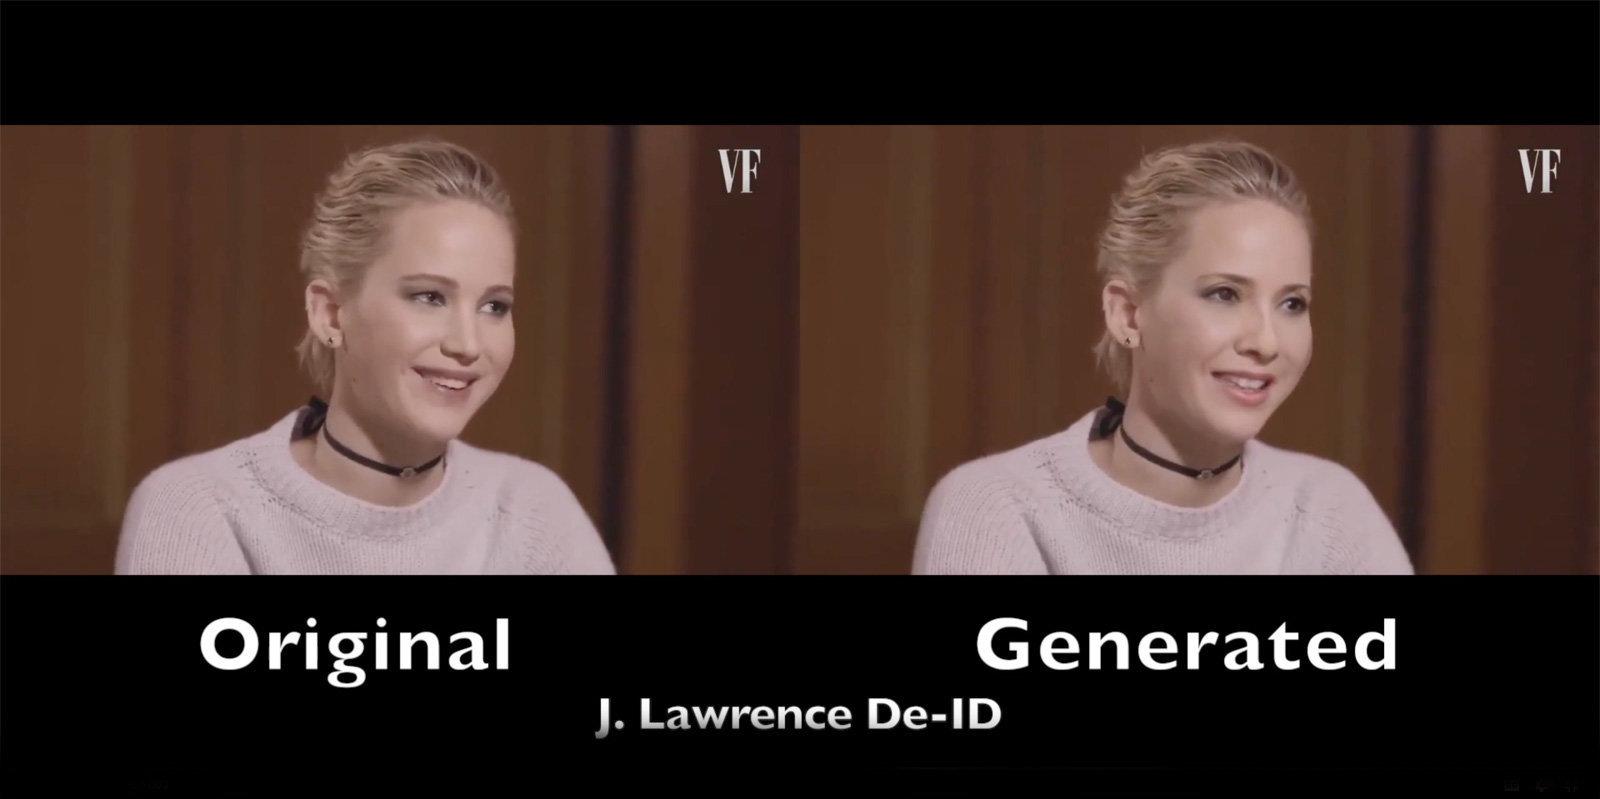 📹 Facebook створила нейромережу – заважає штучному інтелекту розпізнати обличчя на відео